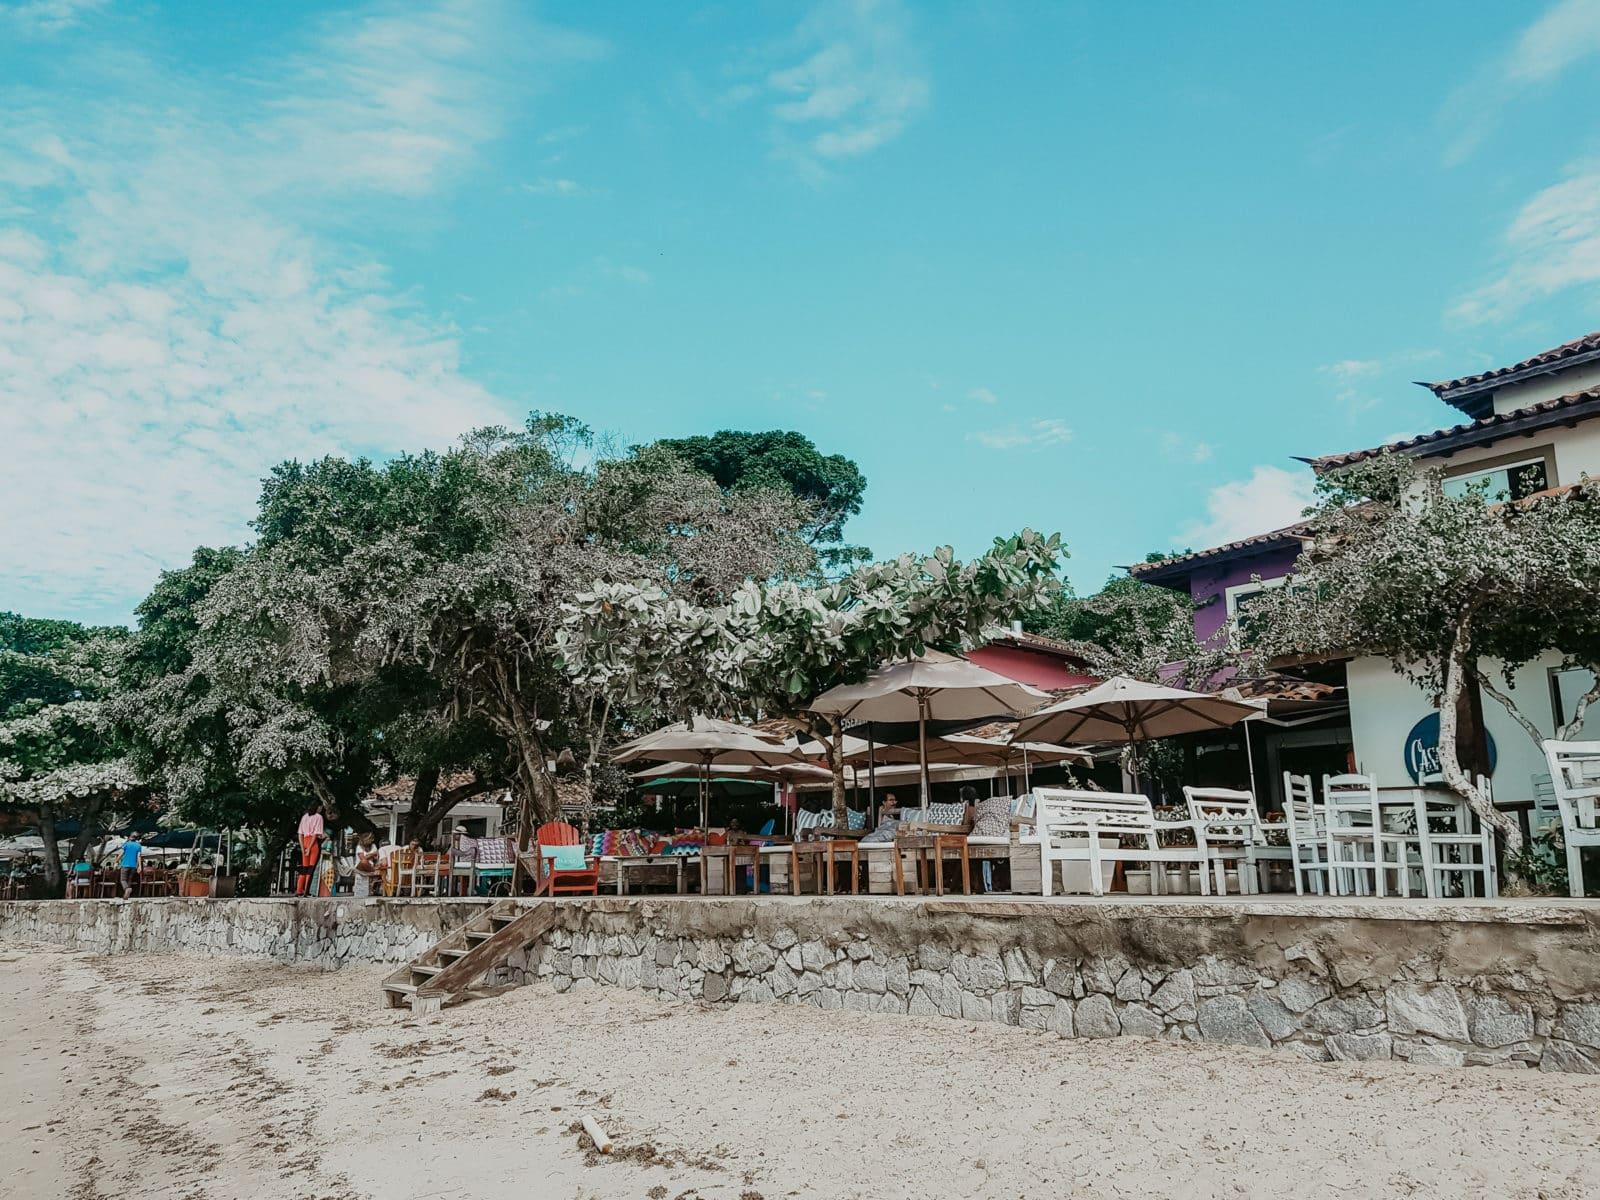 Buzíos Praia de Manguinhos Bars am Strand